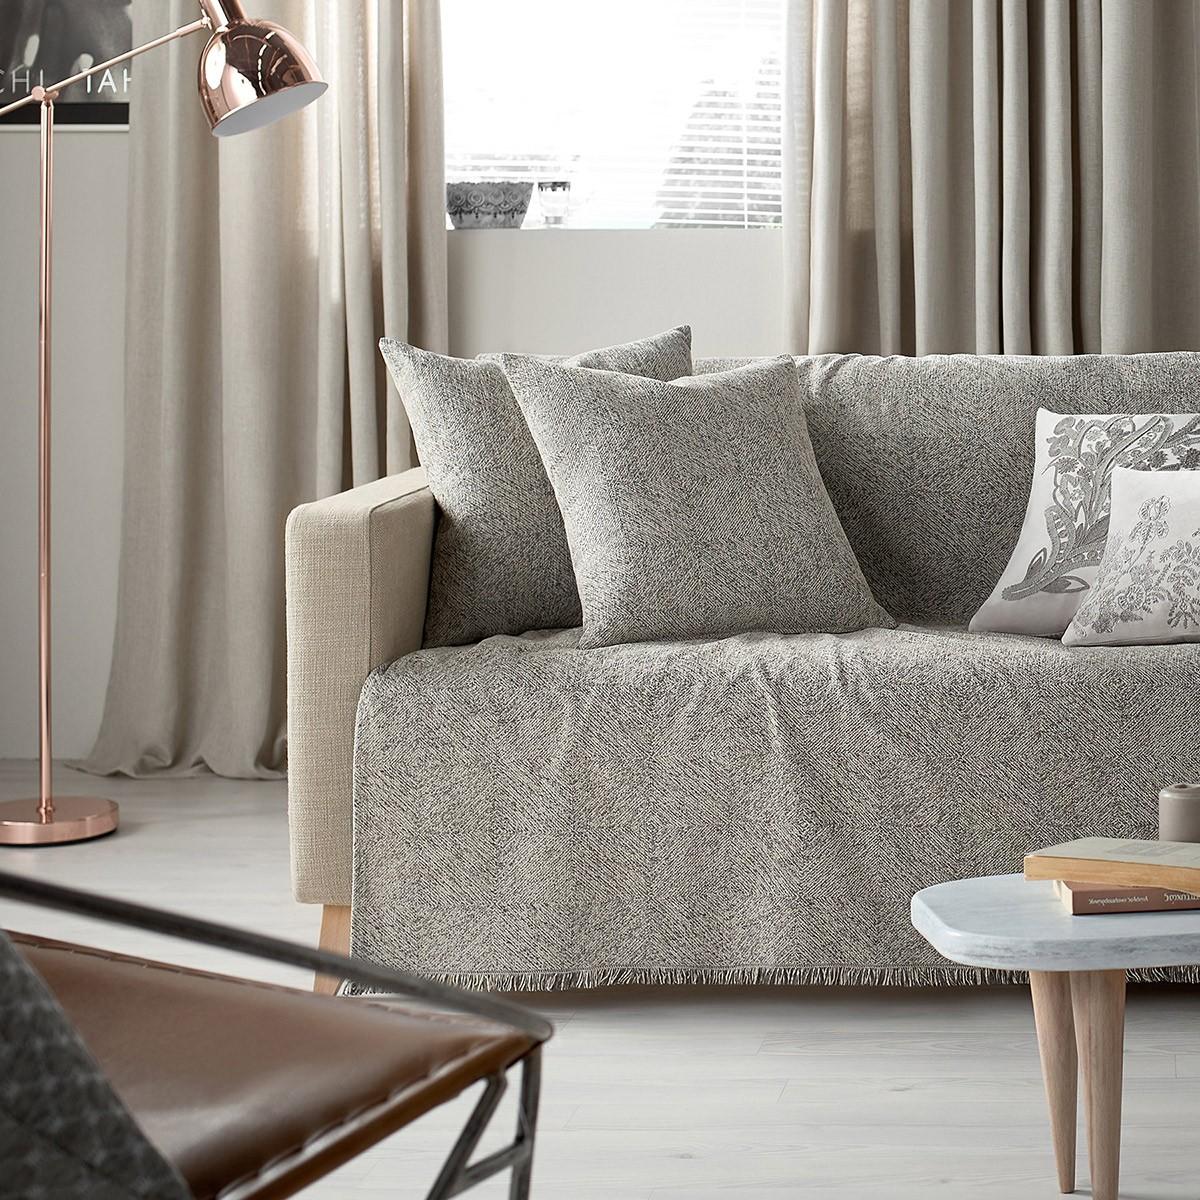 Ριχτάρι Διθέσιου (180x250) Gofis Home Livorno Grey 788/15